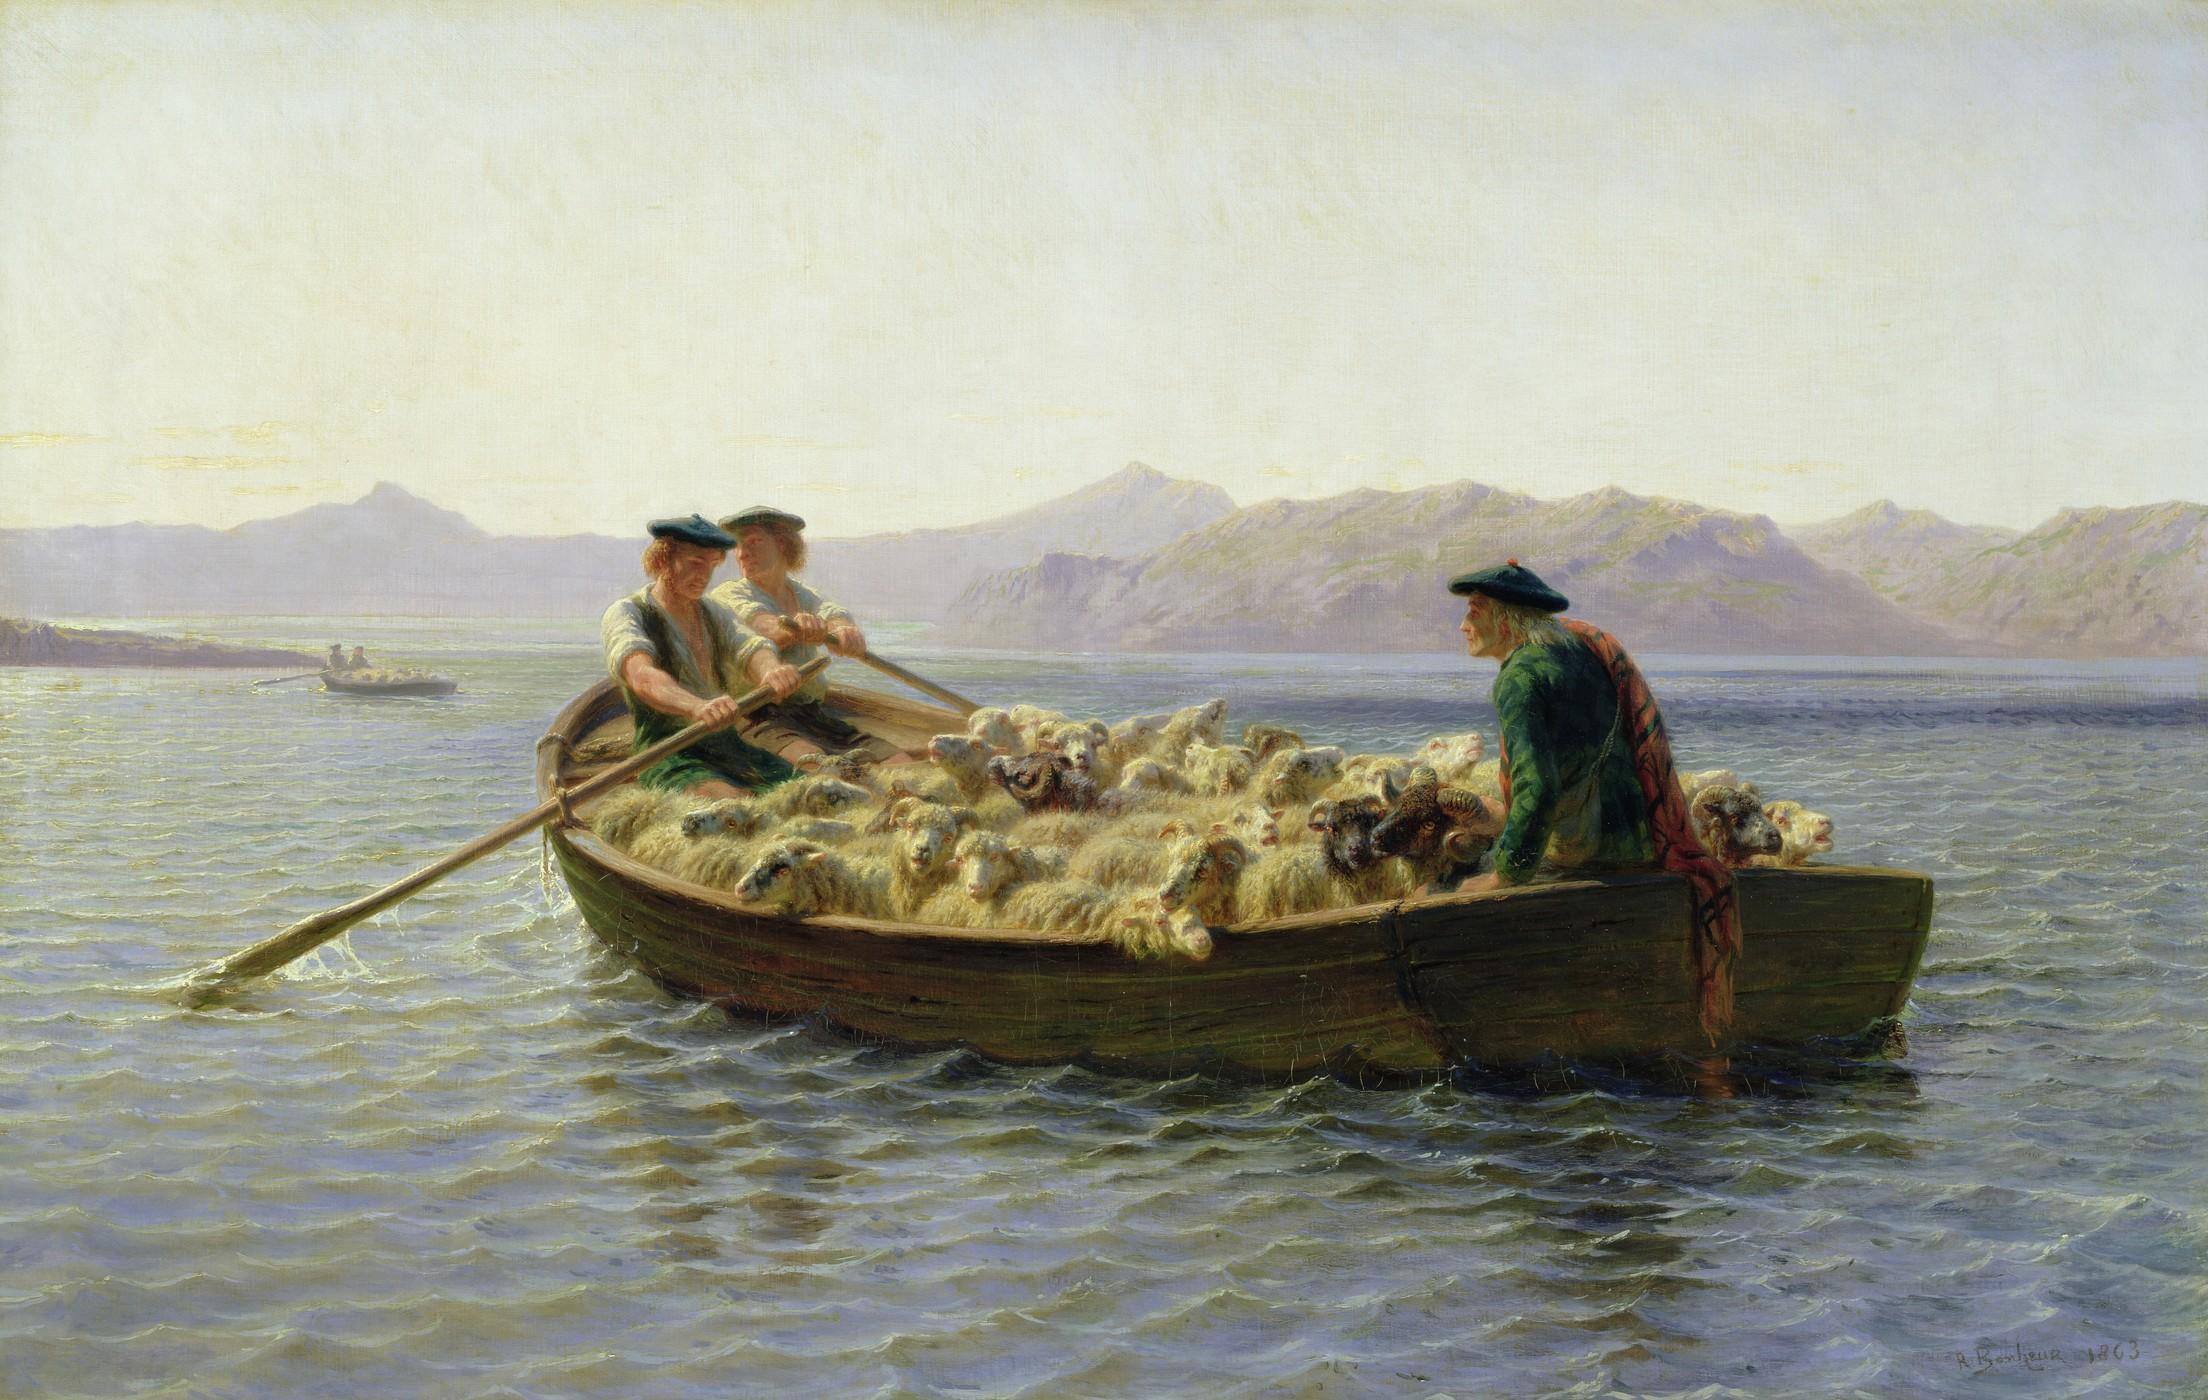 Changement de pâturages - Rosa Bonheur, 1863 - Dominio público